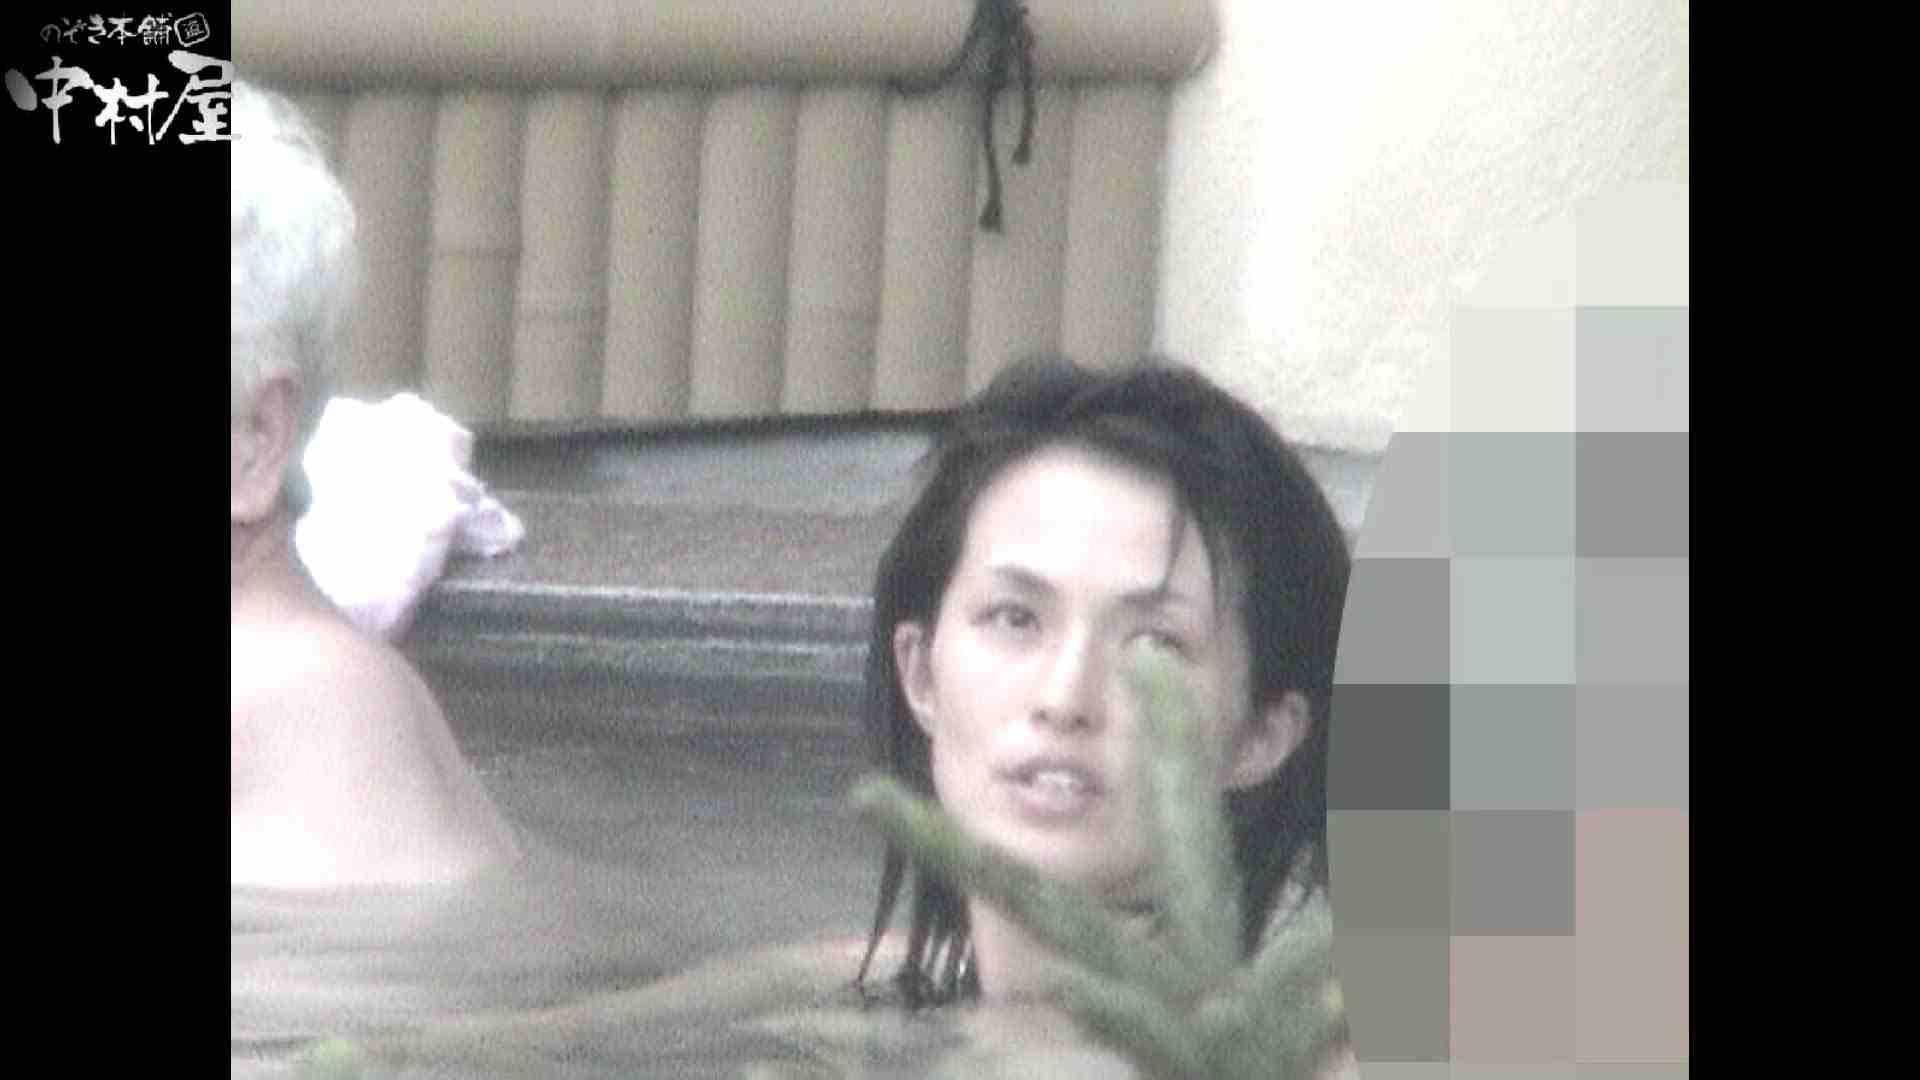 Aquaな露天風呂Vol.933 OLエロ画像   露天  78PICs 7